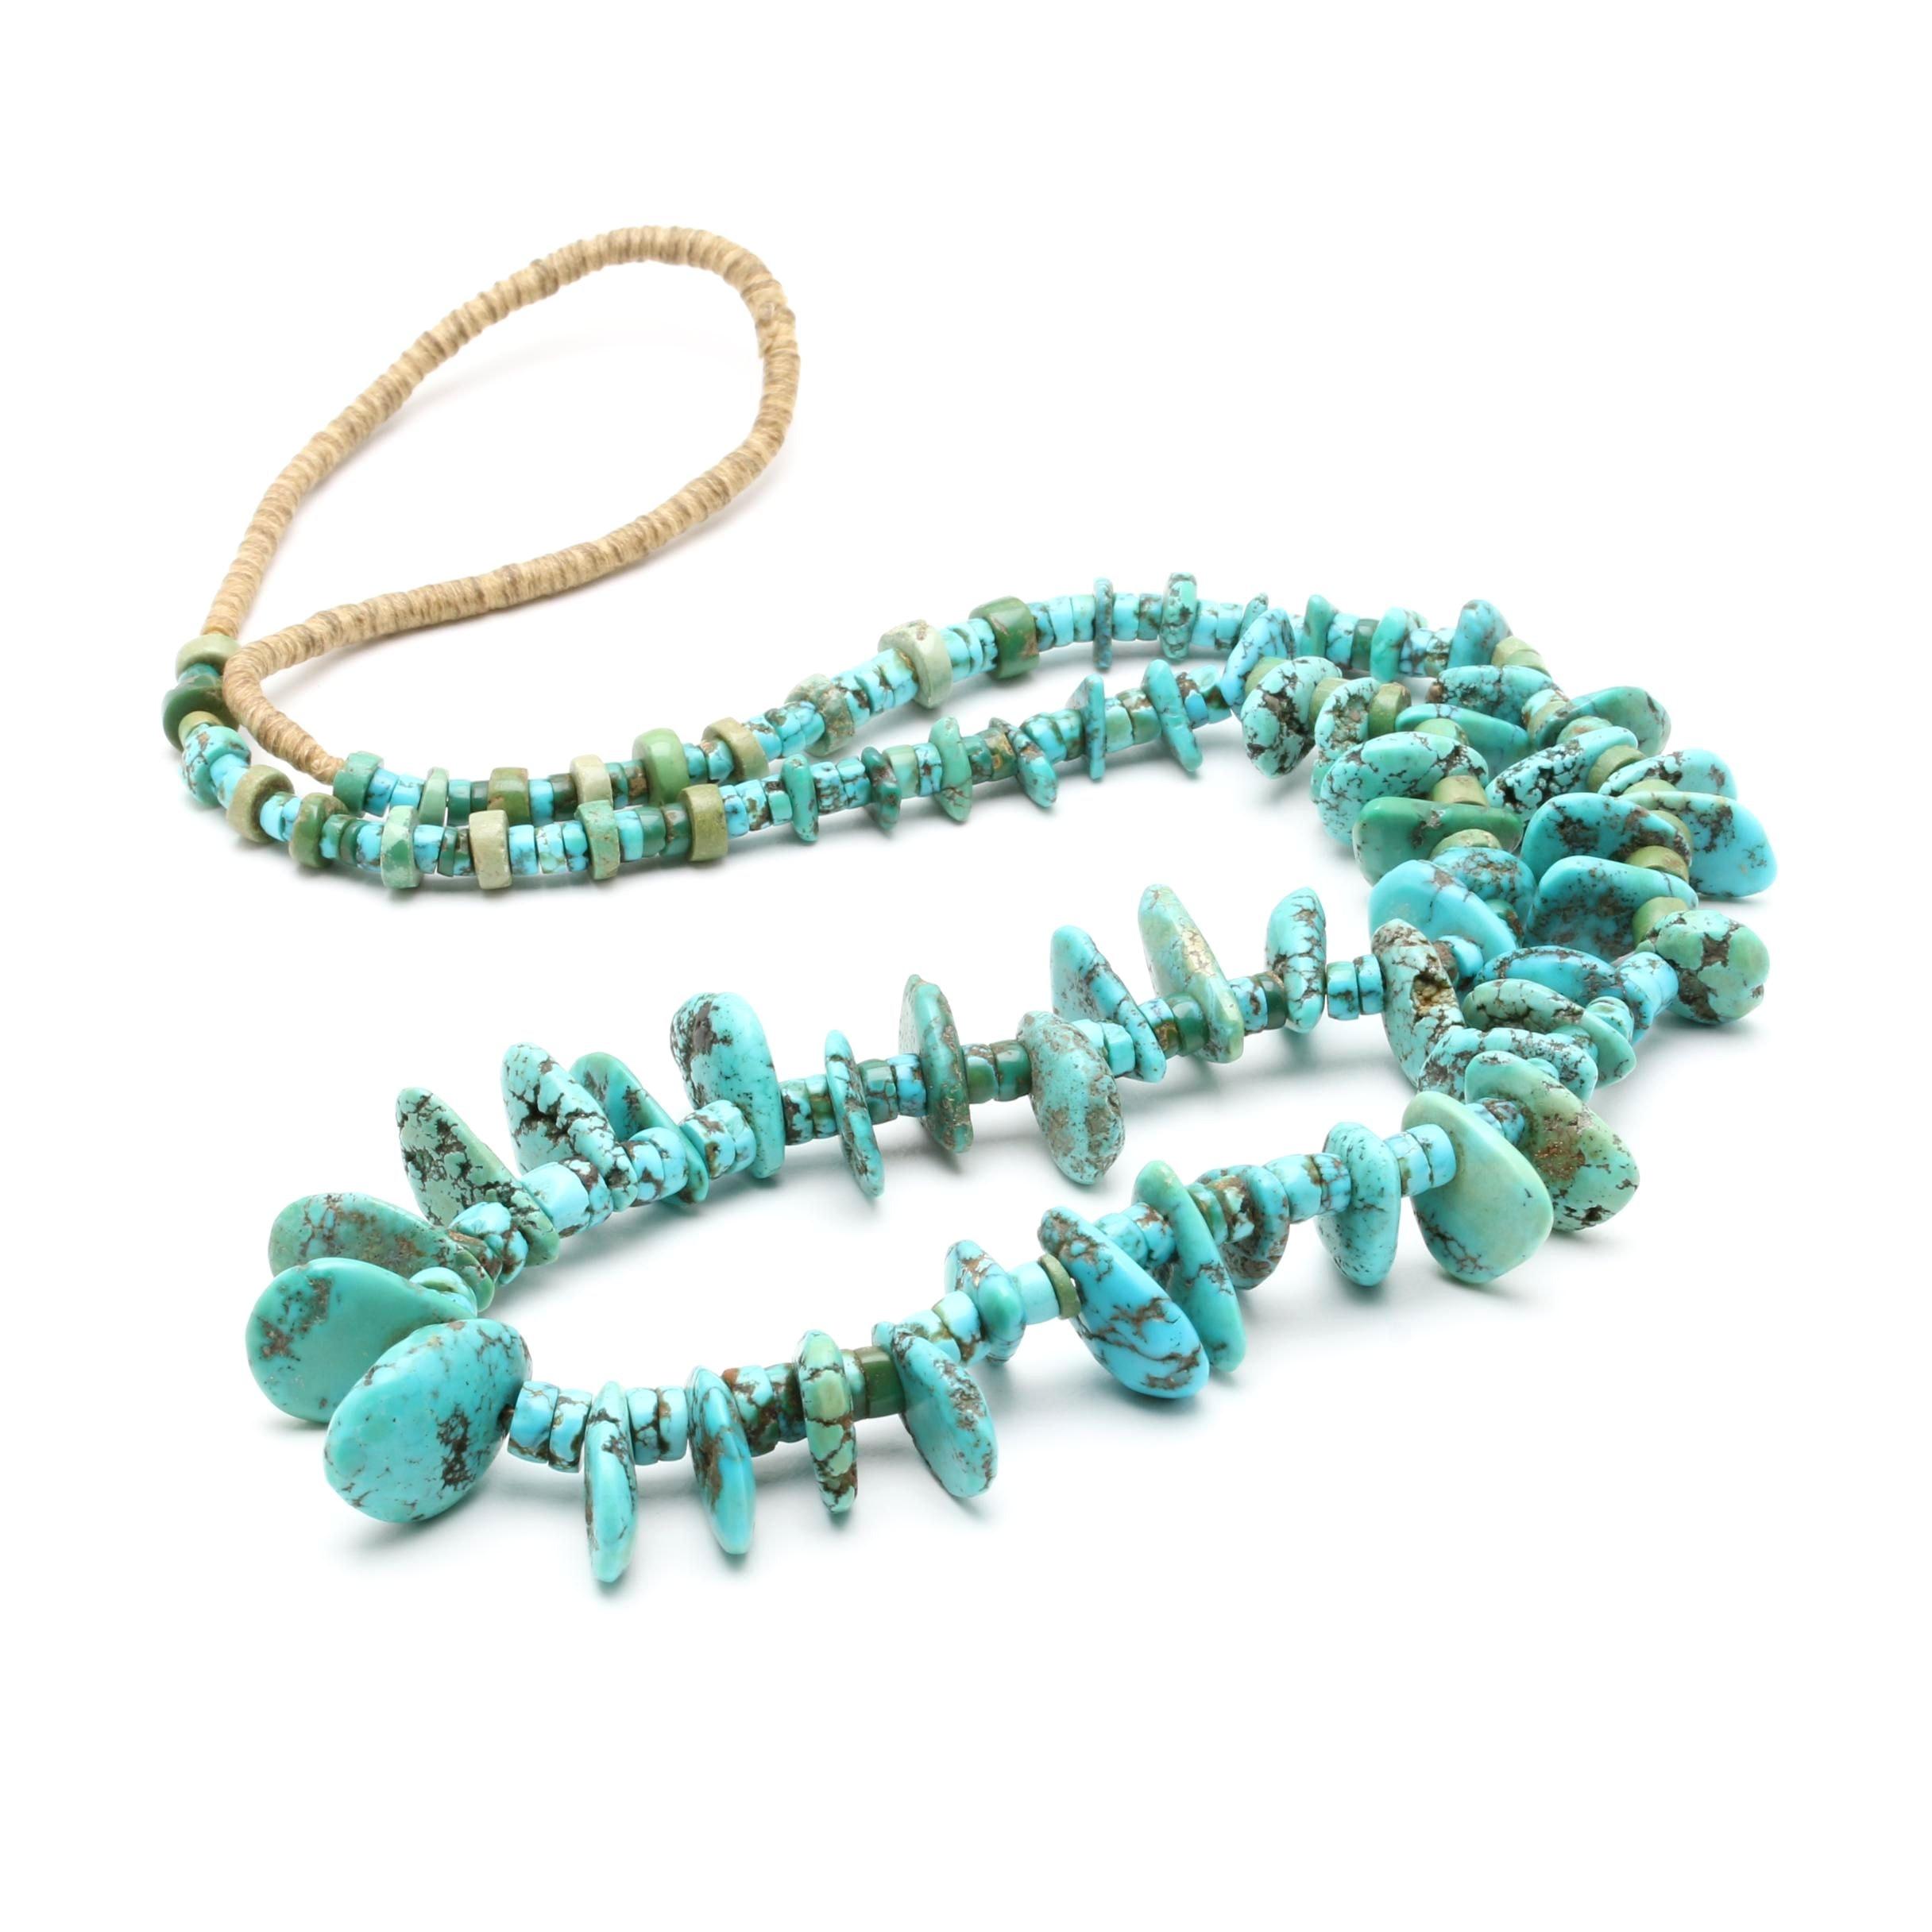 Southwest Style Turquoise Necklace